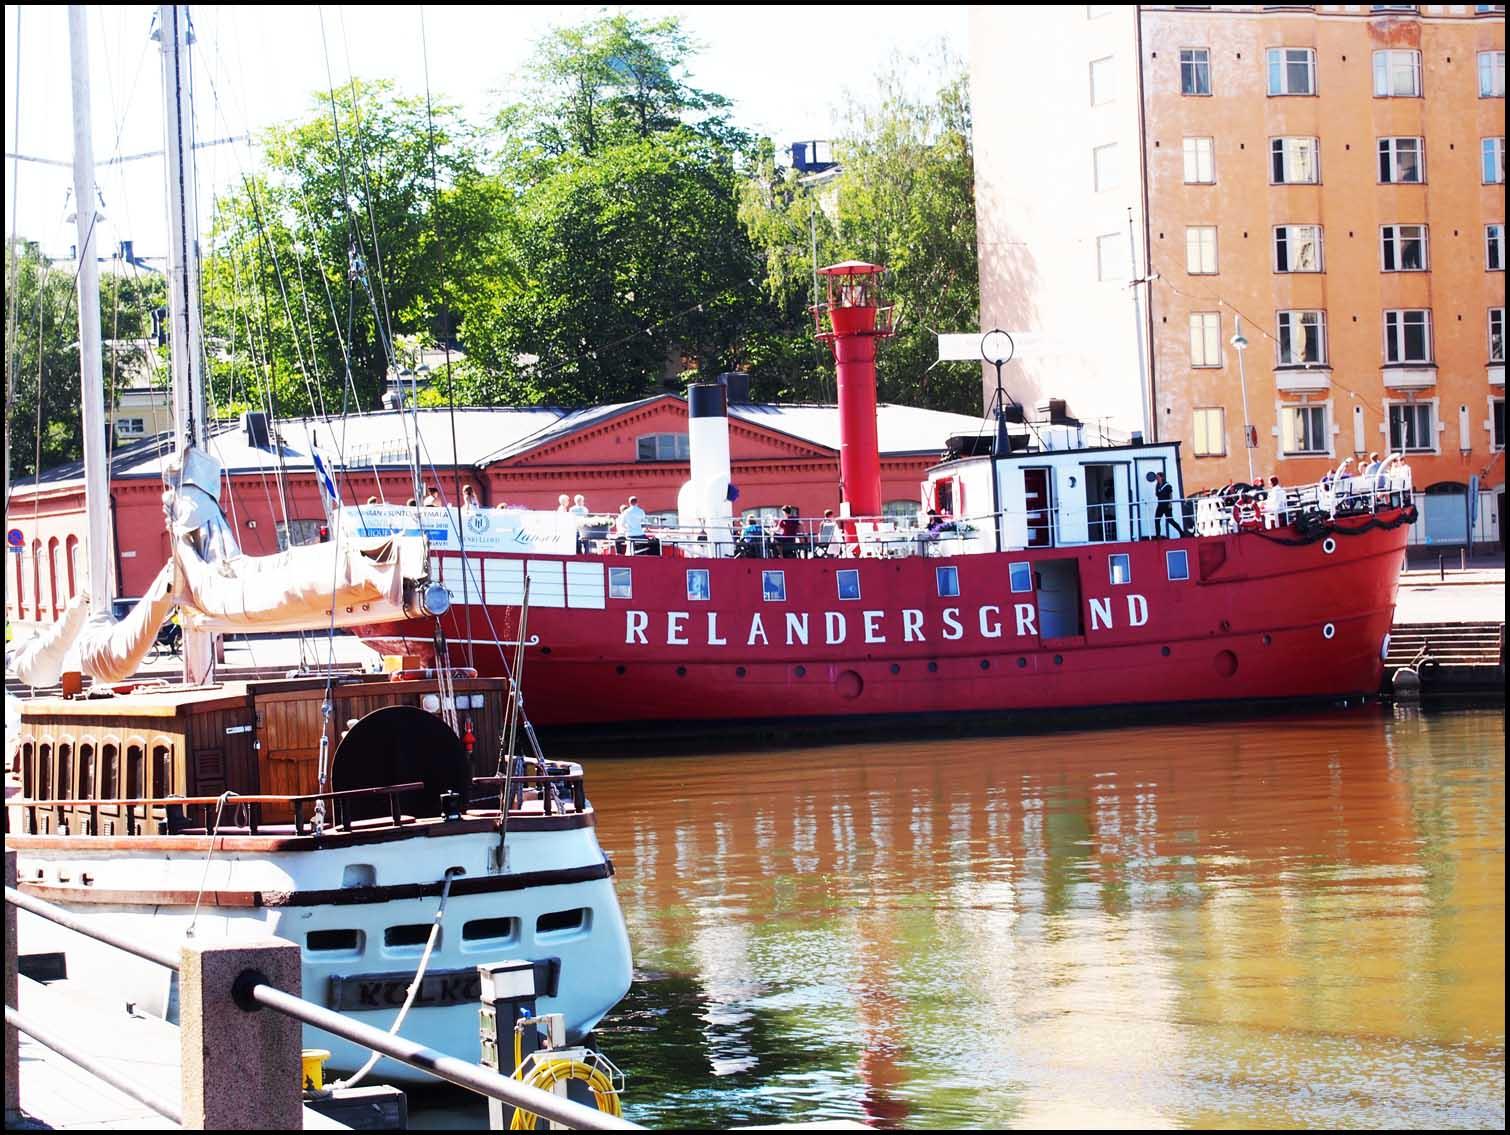 Relandersgrund Pub Boat, Helsinki Harbour